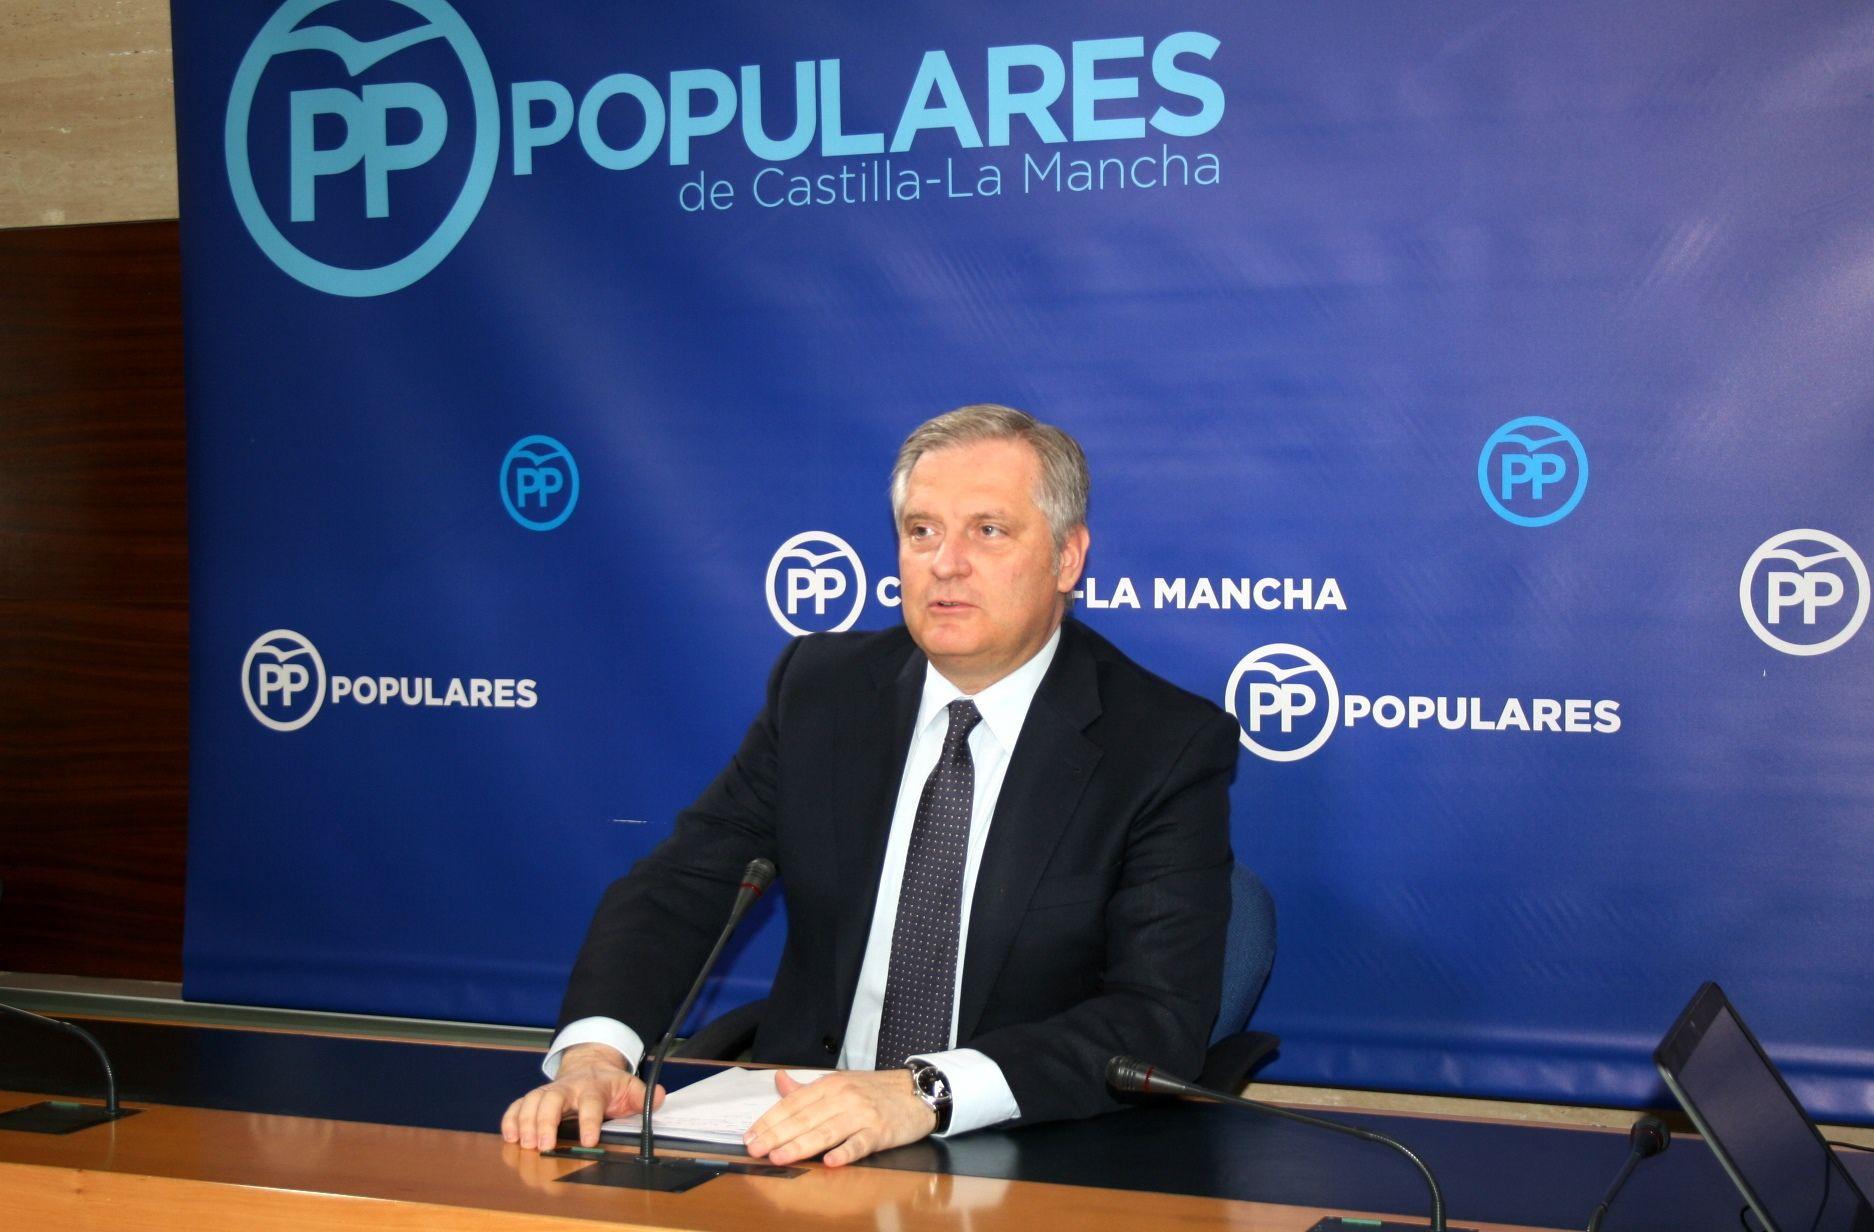 Cañizares señala que Sánchez suspende a Page por su gestión económica, que nos sitúa como una de las regiones con más déficit de España